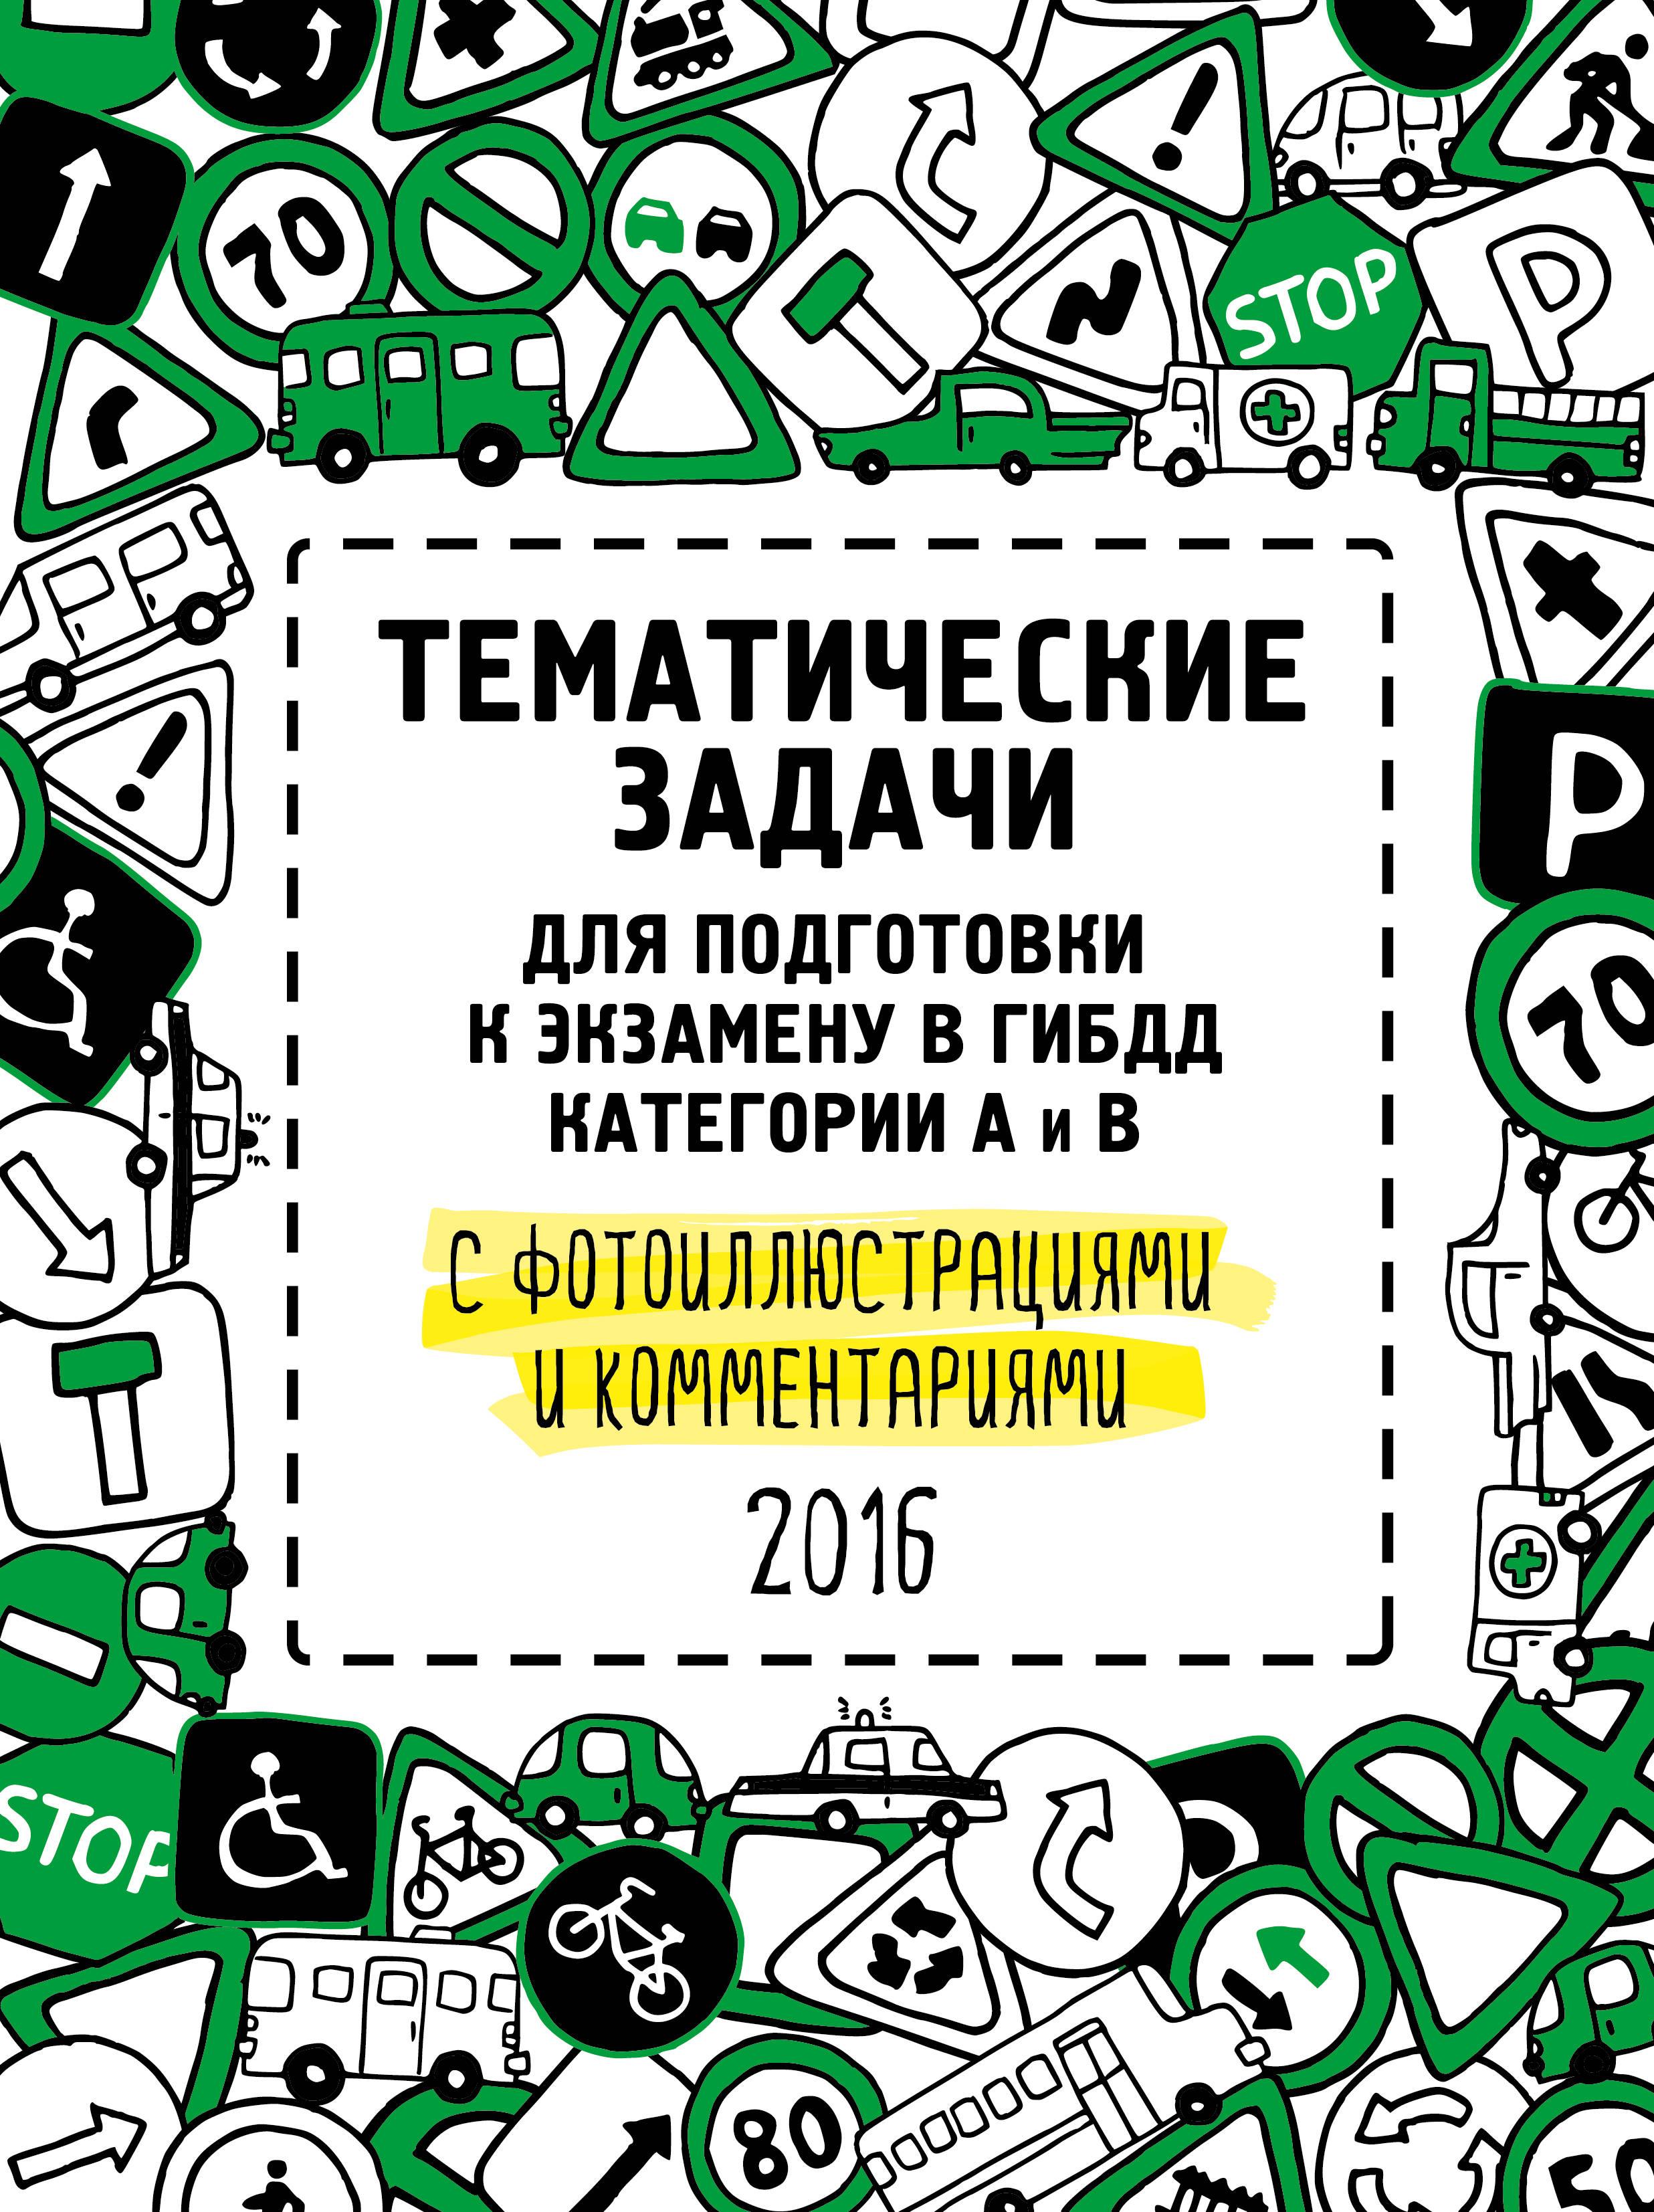 Zakazat.ru Тематические задачи для подготовки к экзамену в ГИБДД с фотоиллюстрациями и комментариями. Категории А и В